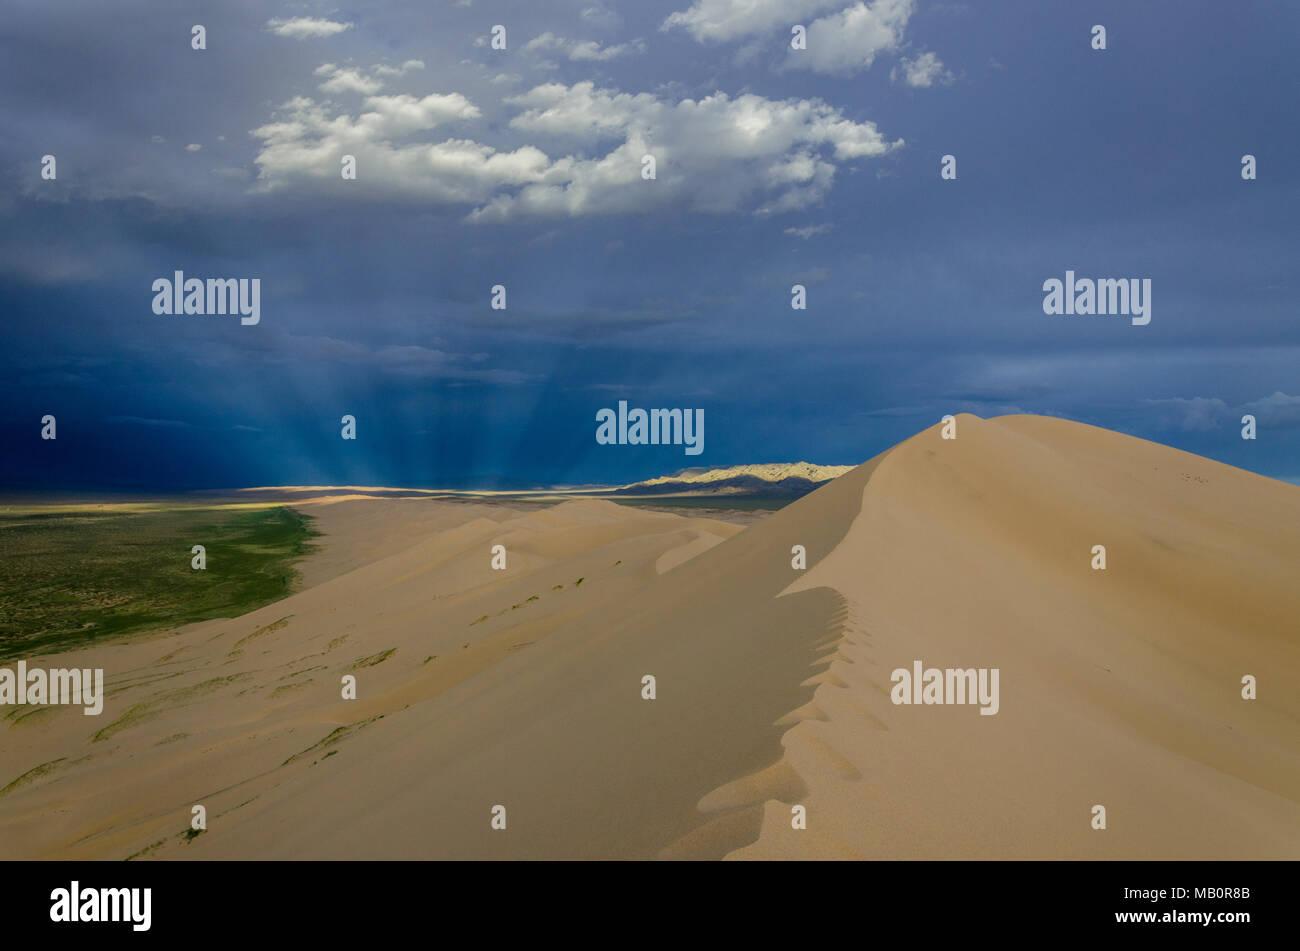 Sunryas at the Gurvansaikhan National Park, Gobi Desert, Mongolia - Stock Image